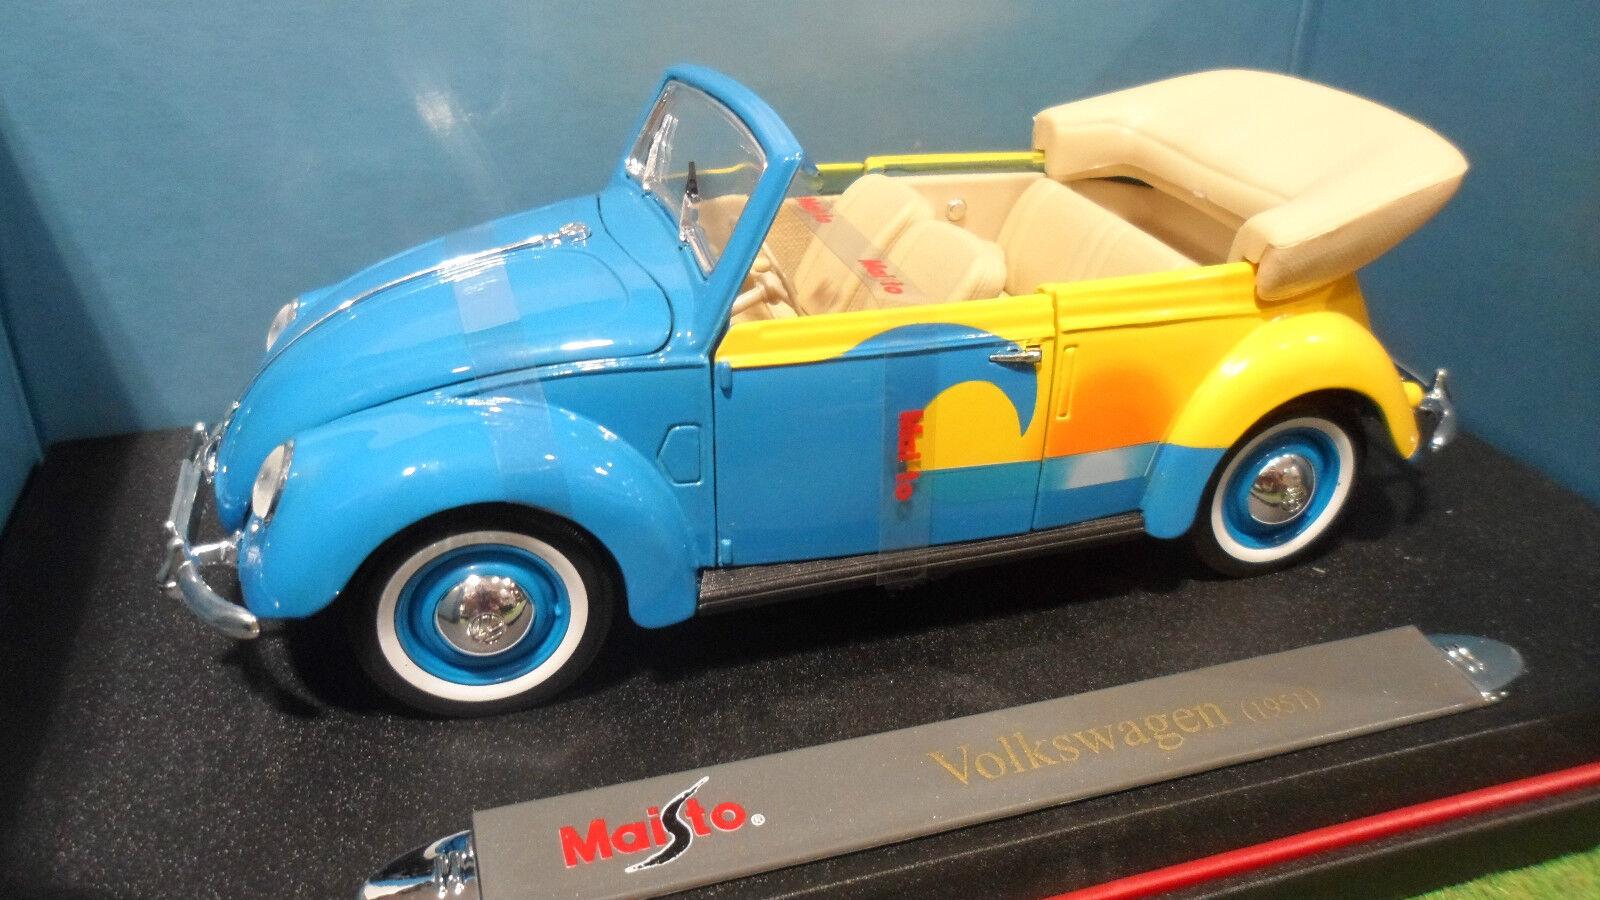 VOLKSWAGEN COCCINELLE Cabriolet au 1 18 MAISTO 35820 voiture miniature